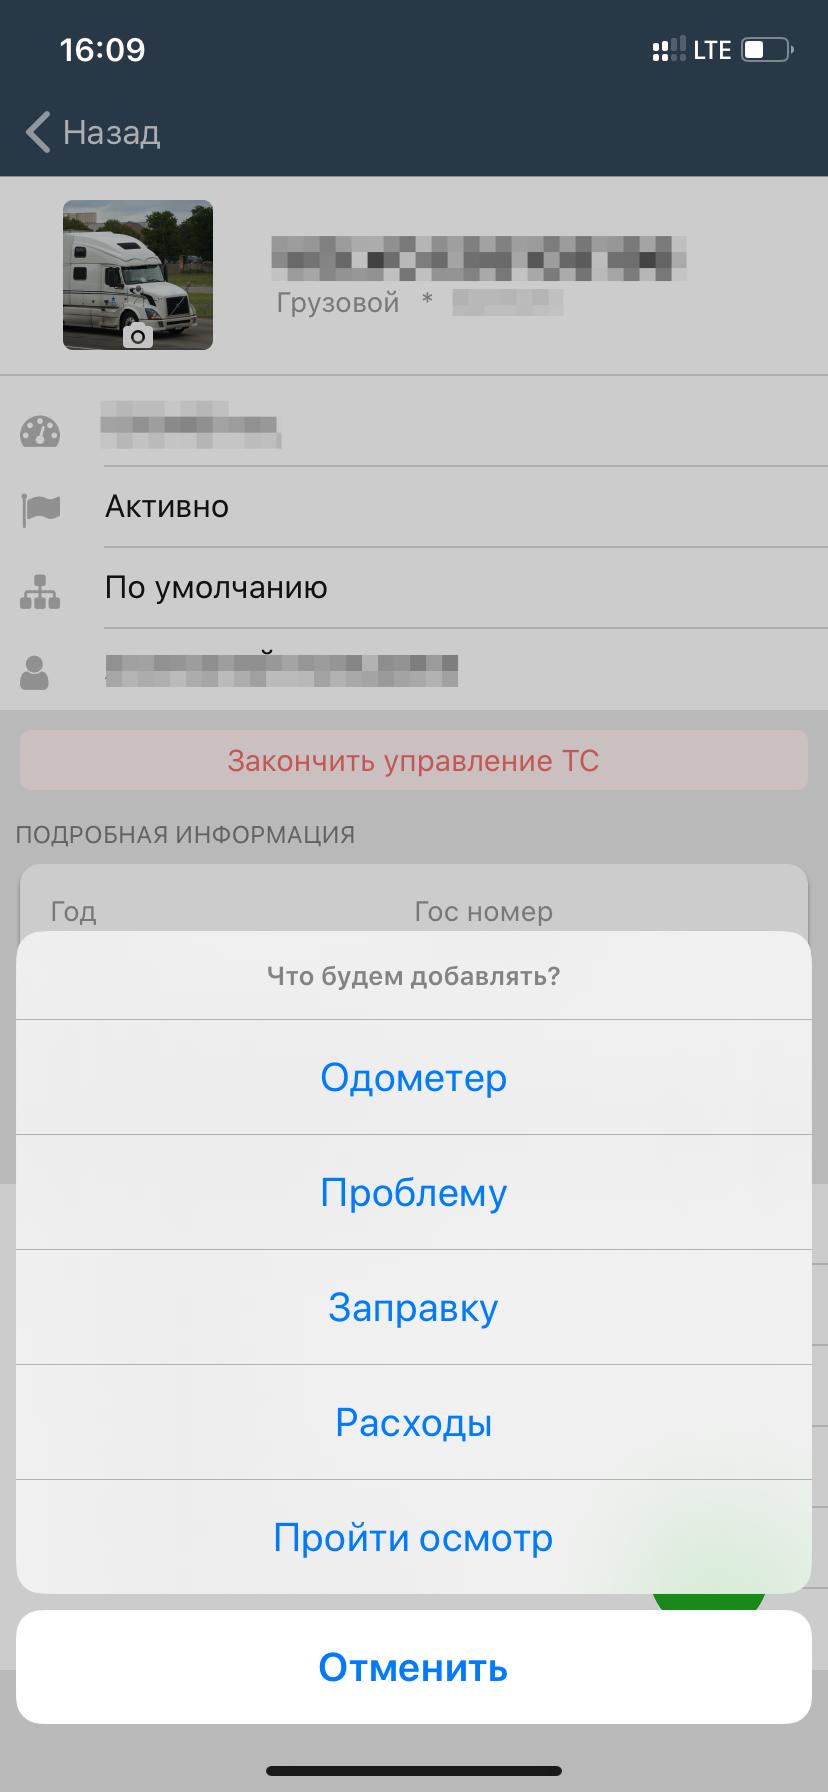 Что будем добавлять в систему Завгар Онлайн через мобильное приложение